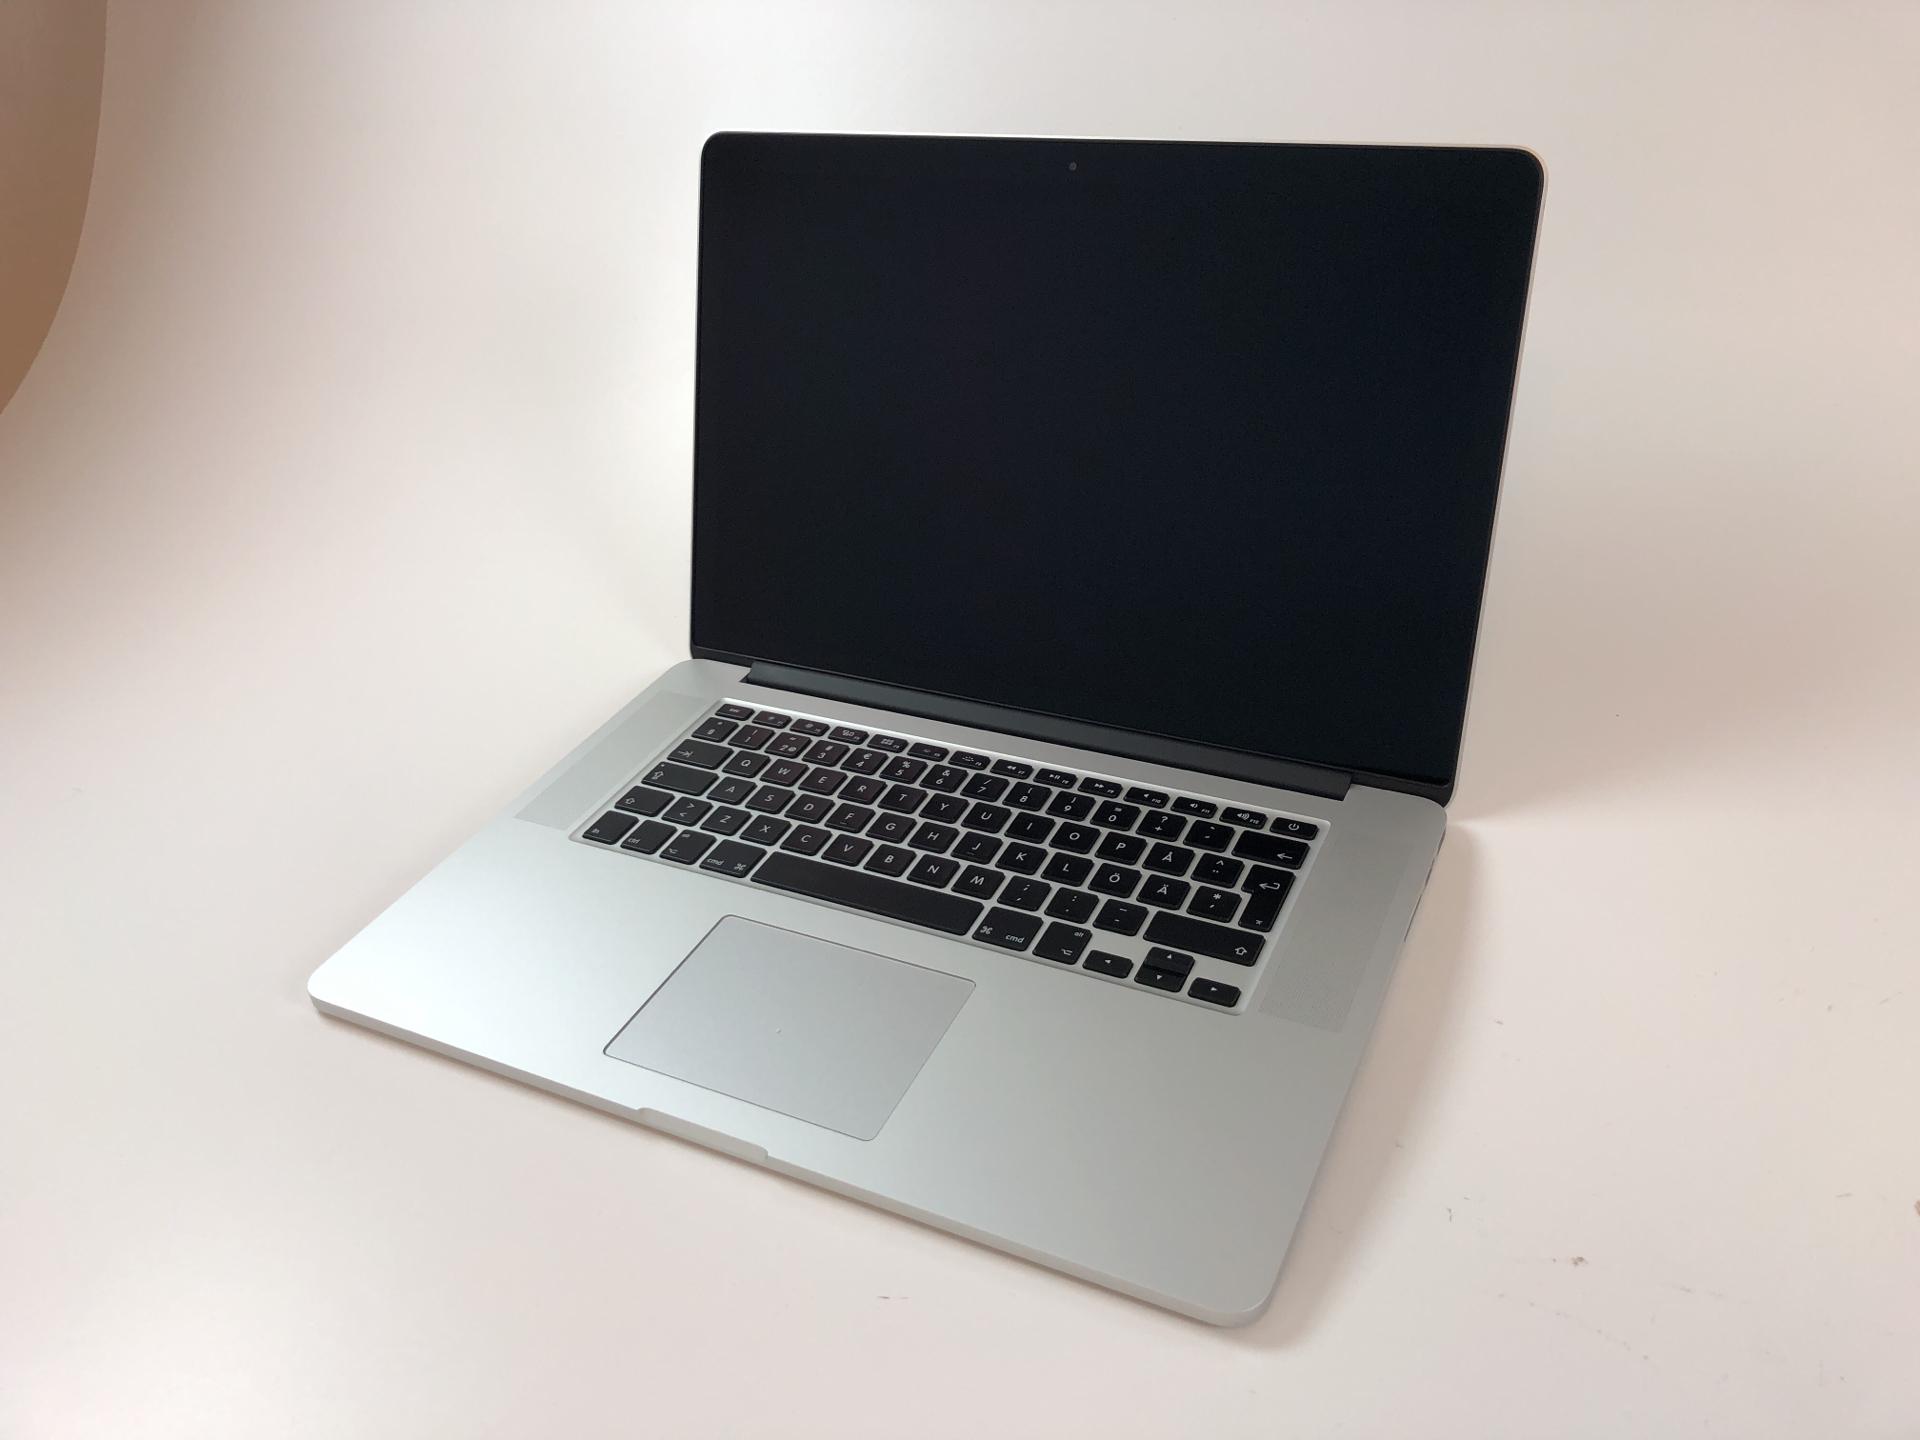 """MacBook Pro Retina 15"""" Mid 2015 (Intel Quad-Core i7 2.2 GHz 16 GB RAM 256 GB SSD), Intel Quad-Core i7 2.2 GHz, 16 GB RAM, 256 GB SSD, Kuva 1"""